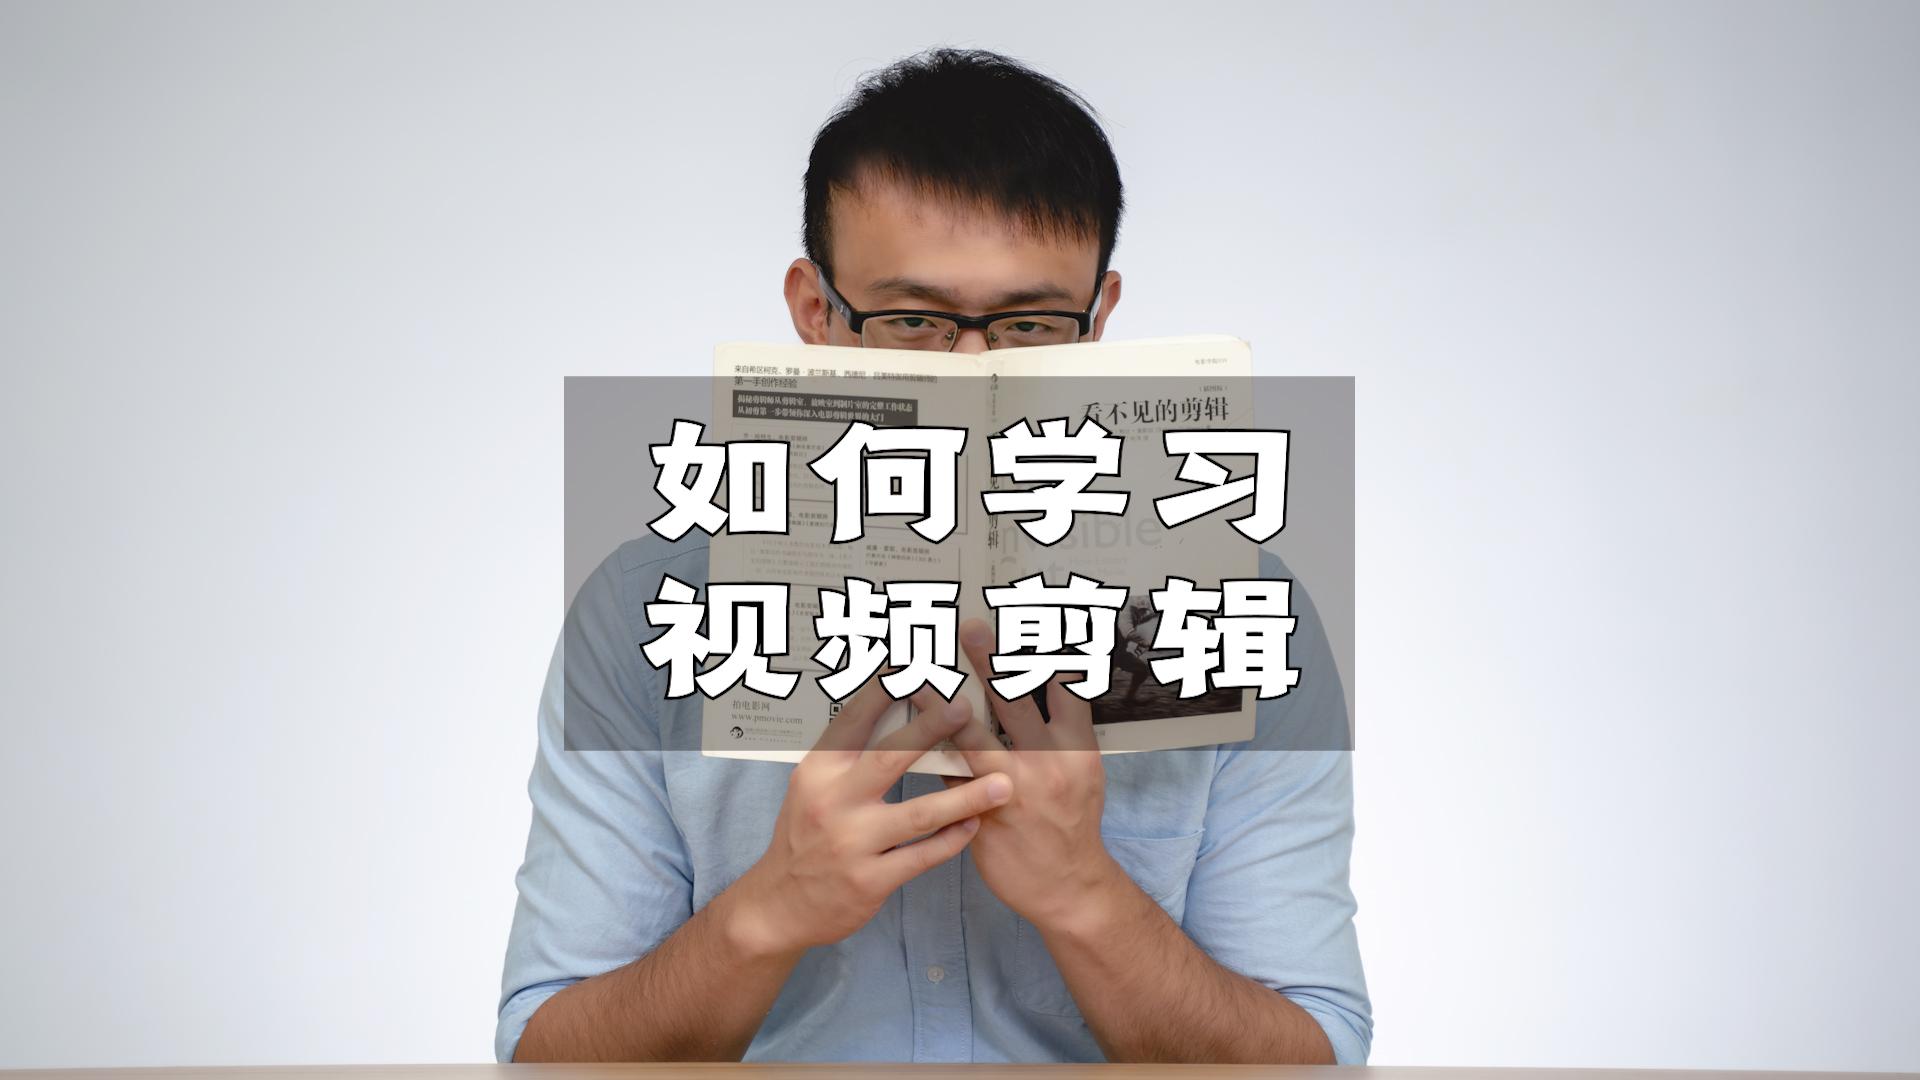 微信图片_20191011191226.jpg